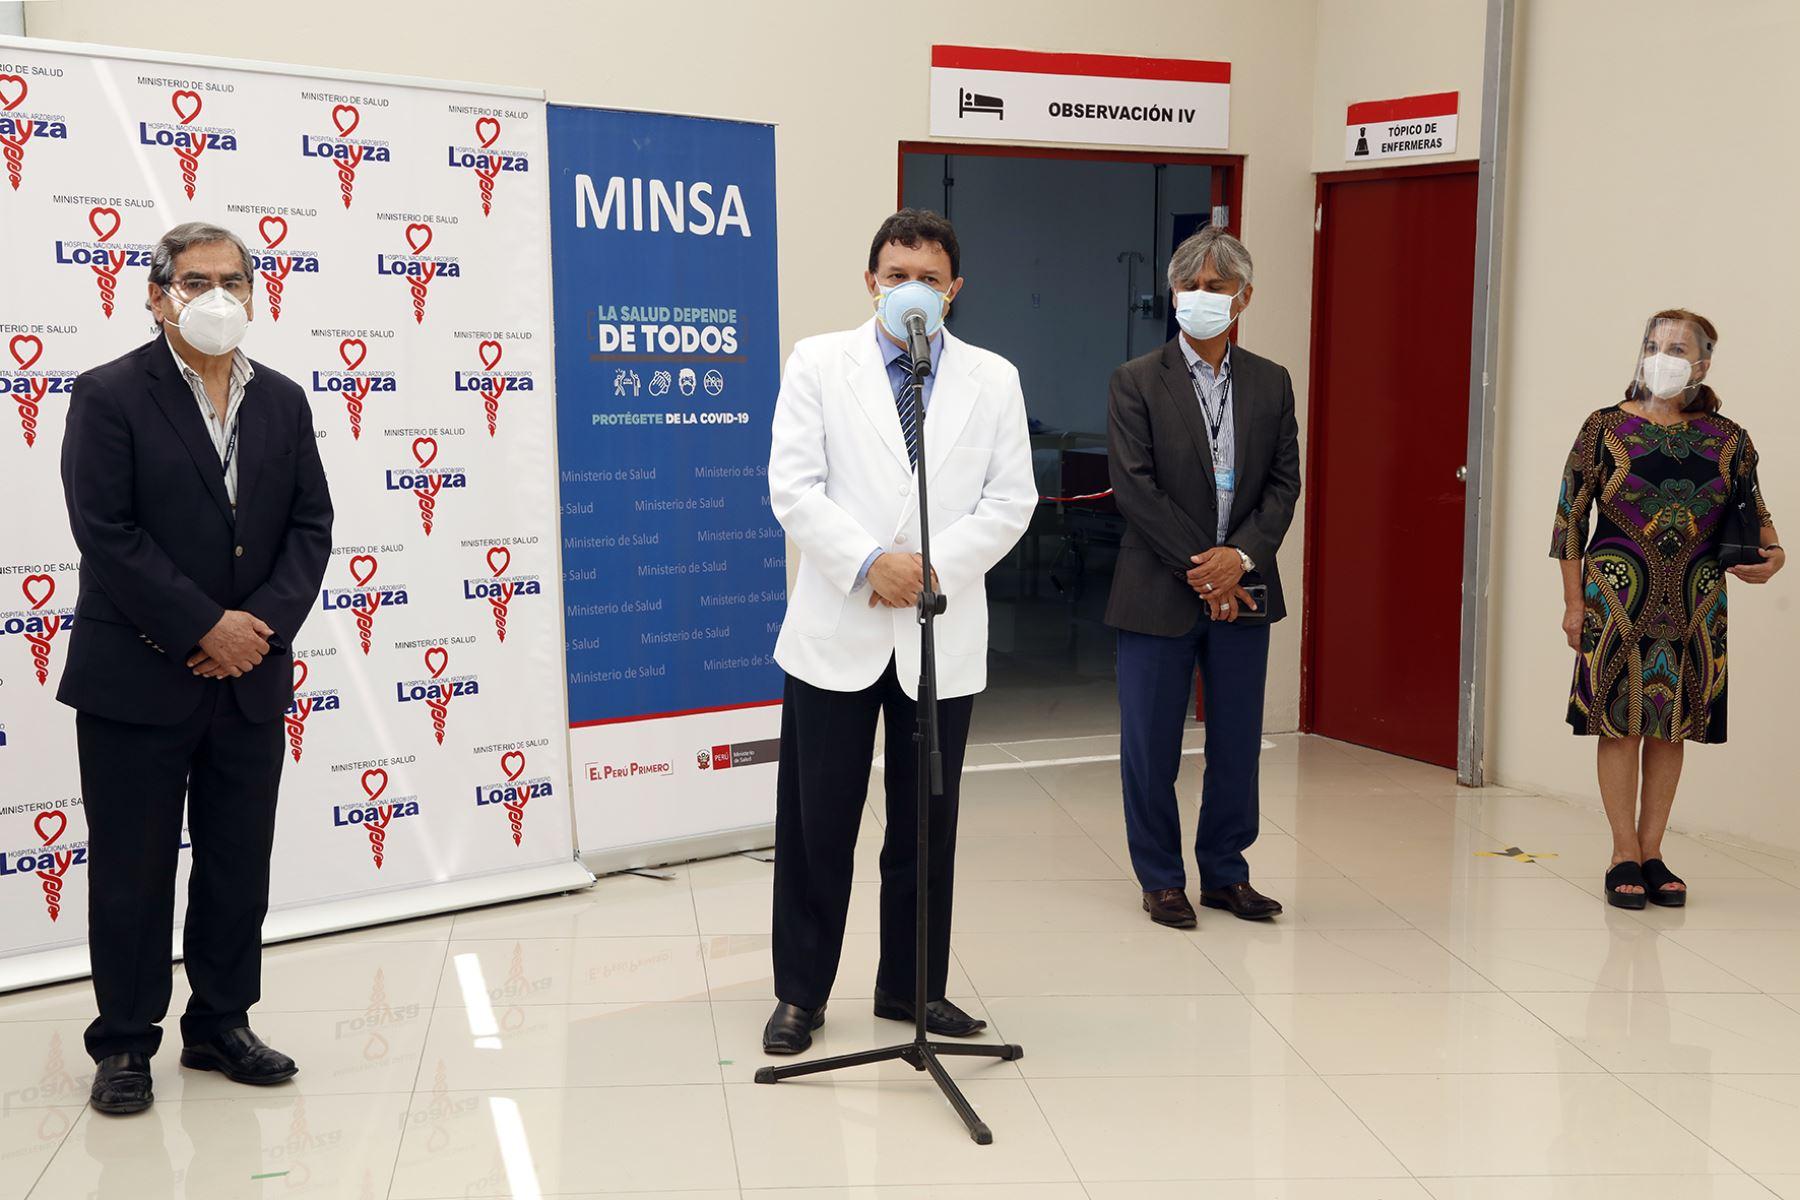 plantas-de-oxigeno-donadas-por-respira-peru-abasteceran-a-124-pacientes